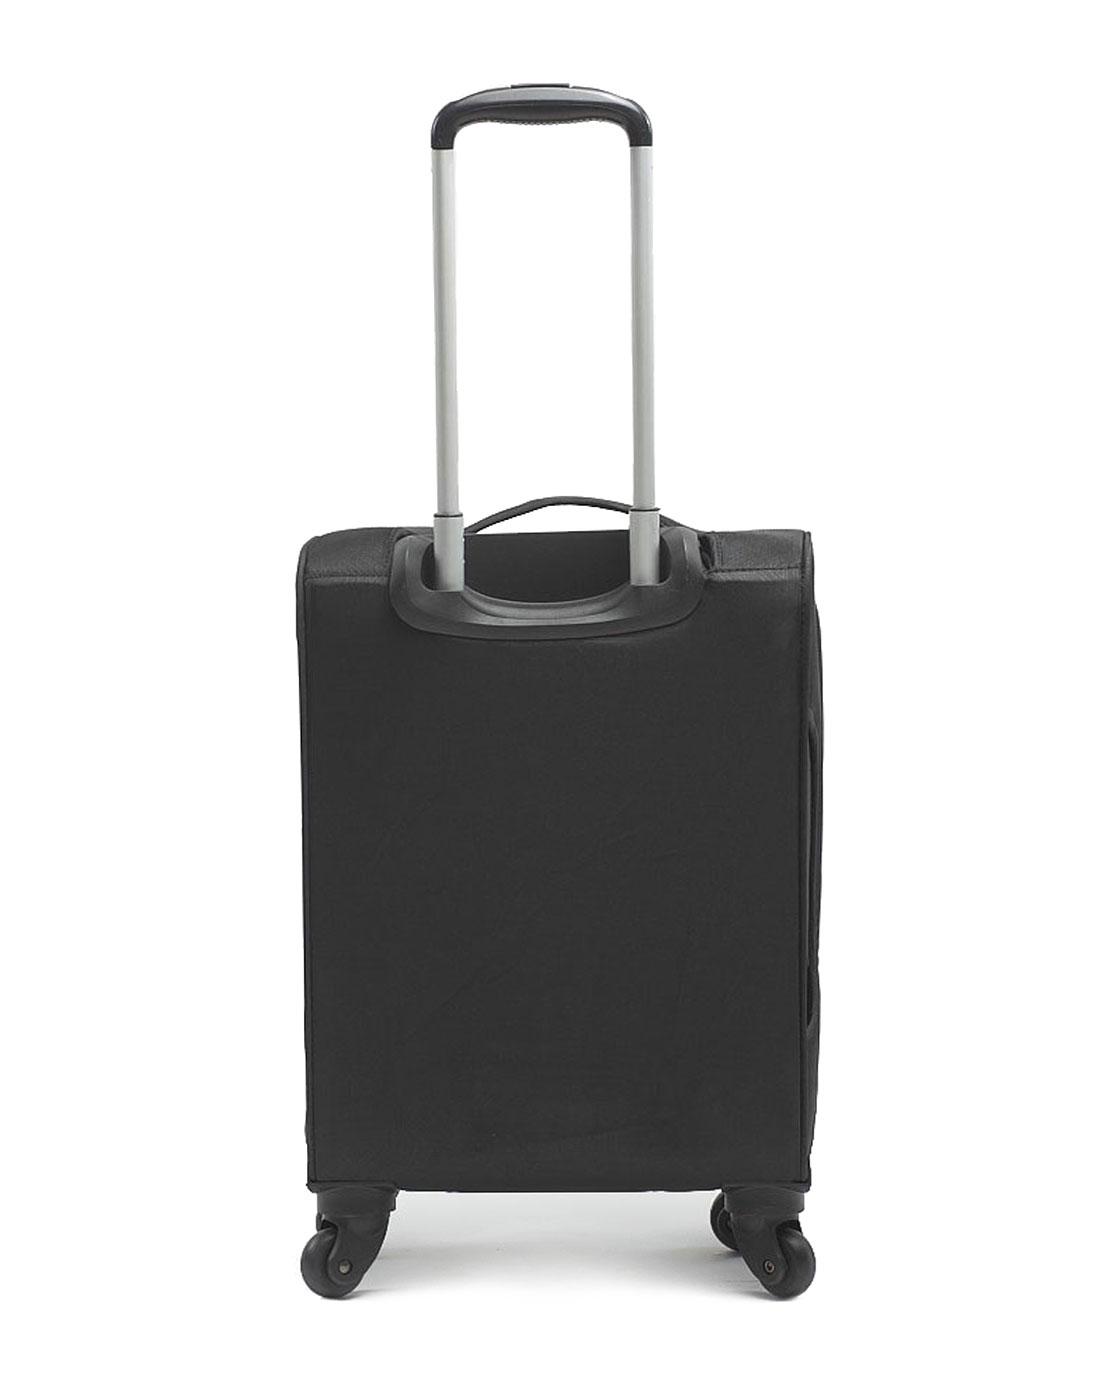 拉行李箱图片